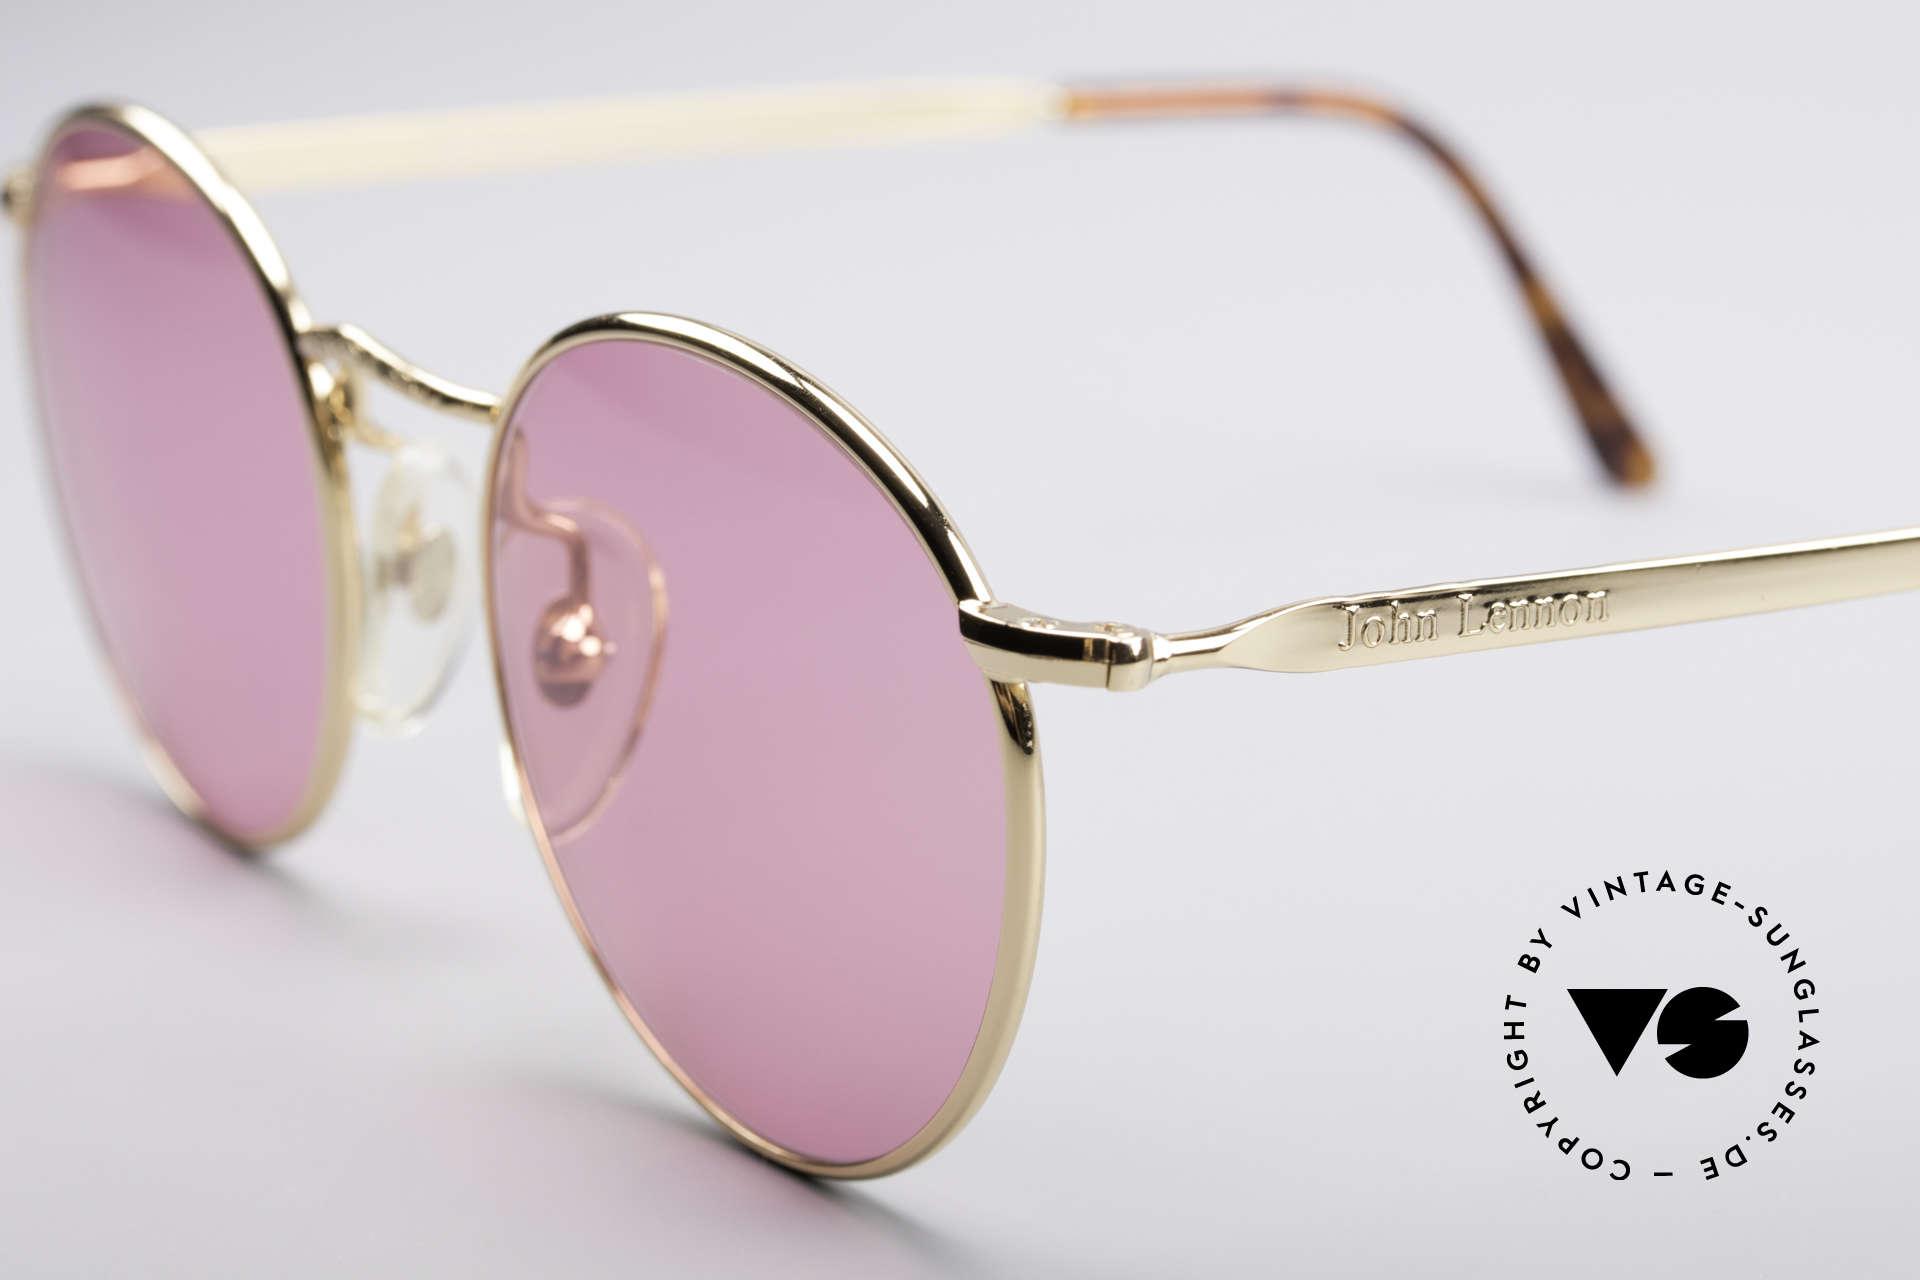 John Lennon - Imagine Die Rosarote Vintage Brille, pinke Gläser: sieh die Welt durch die rosarote Brille, Passend für Herren und Damen